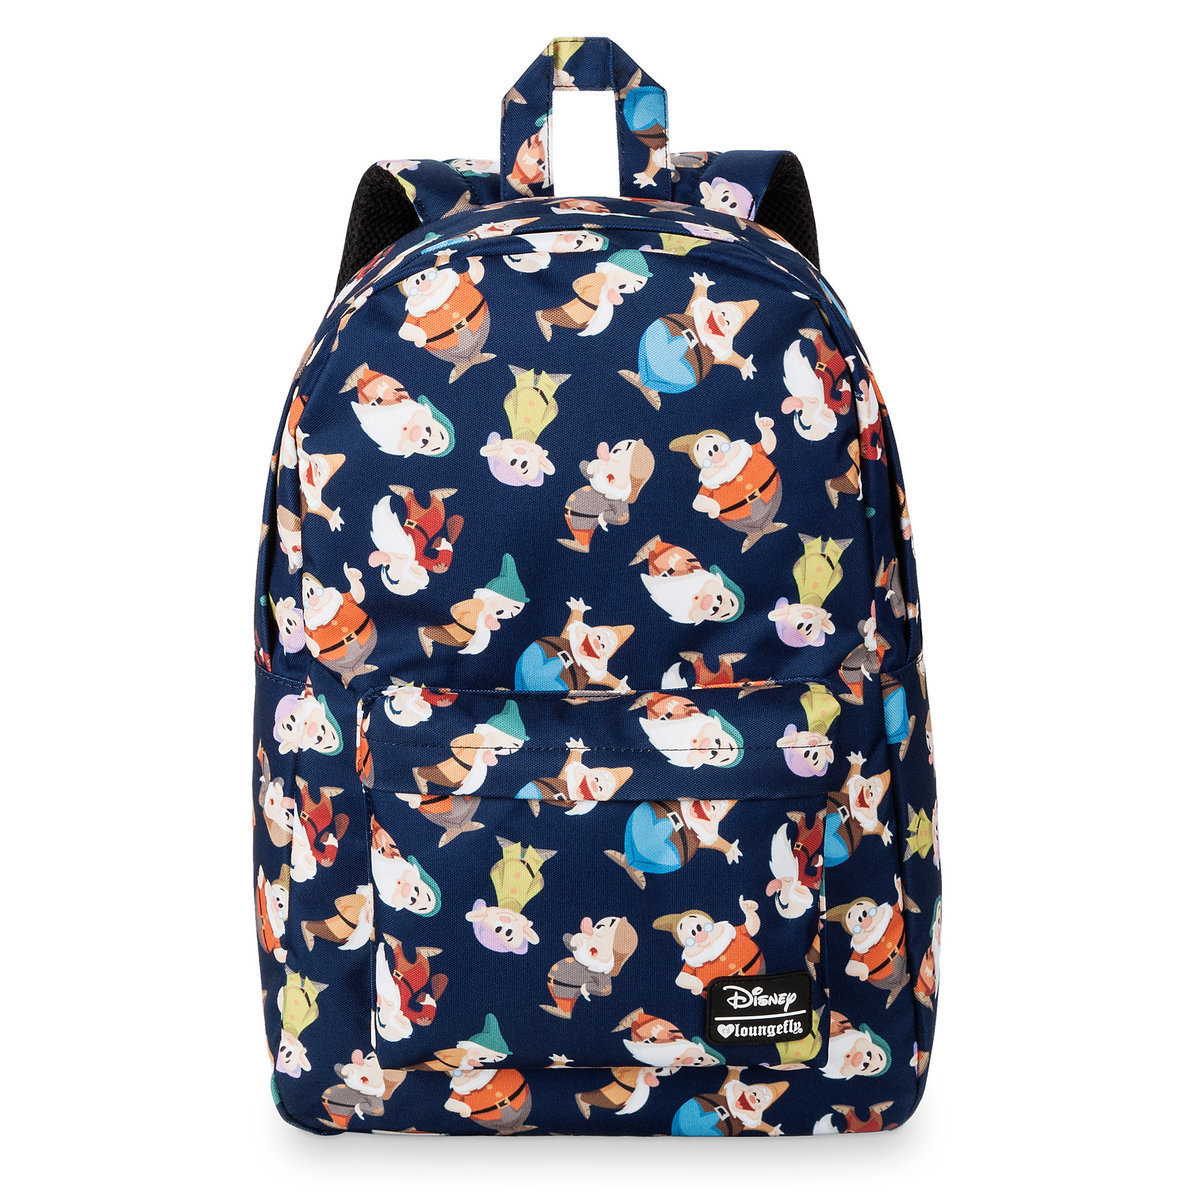 Детский рюкзак «Белоснежка и семь гномов» - Loungefly